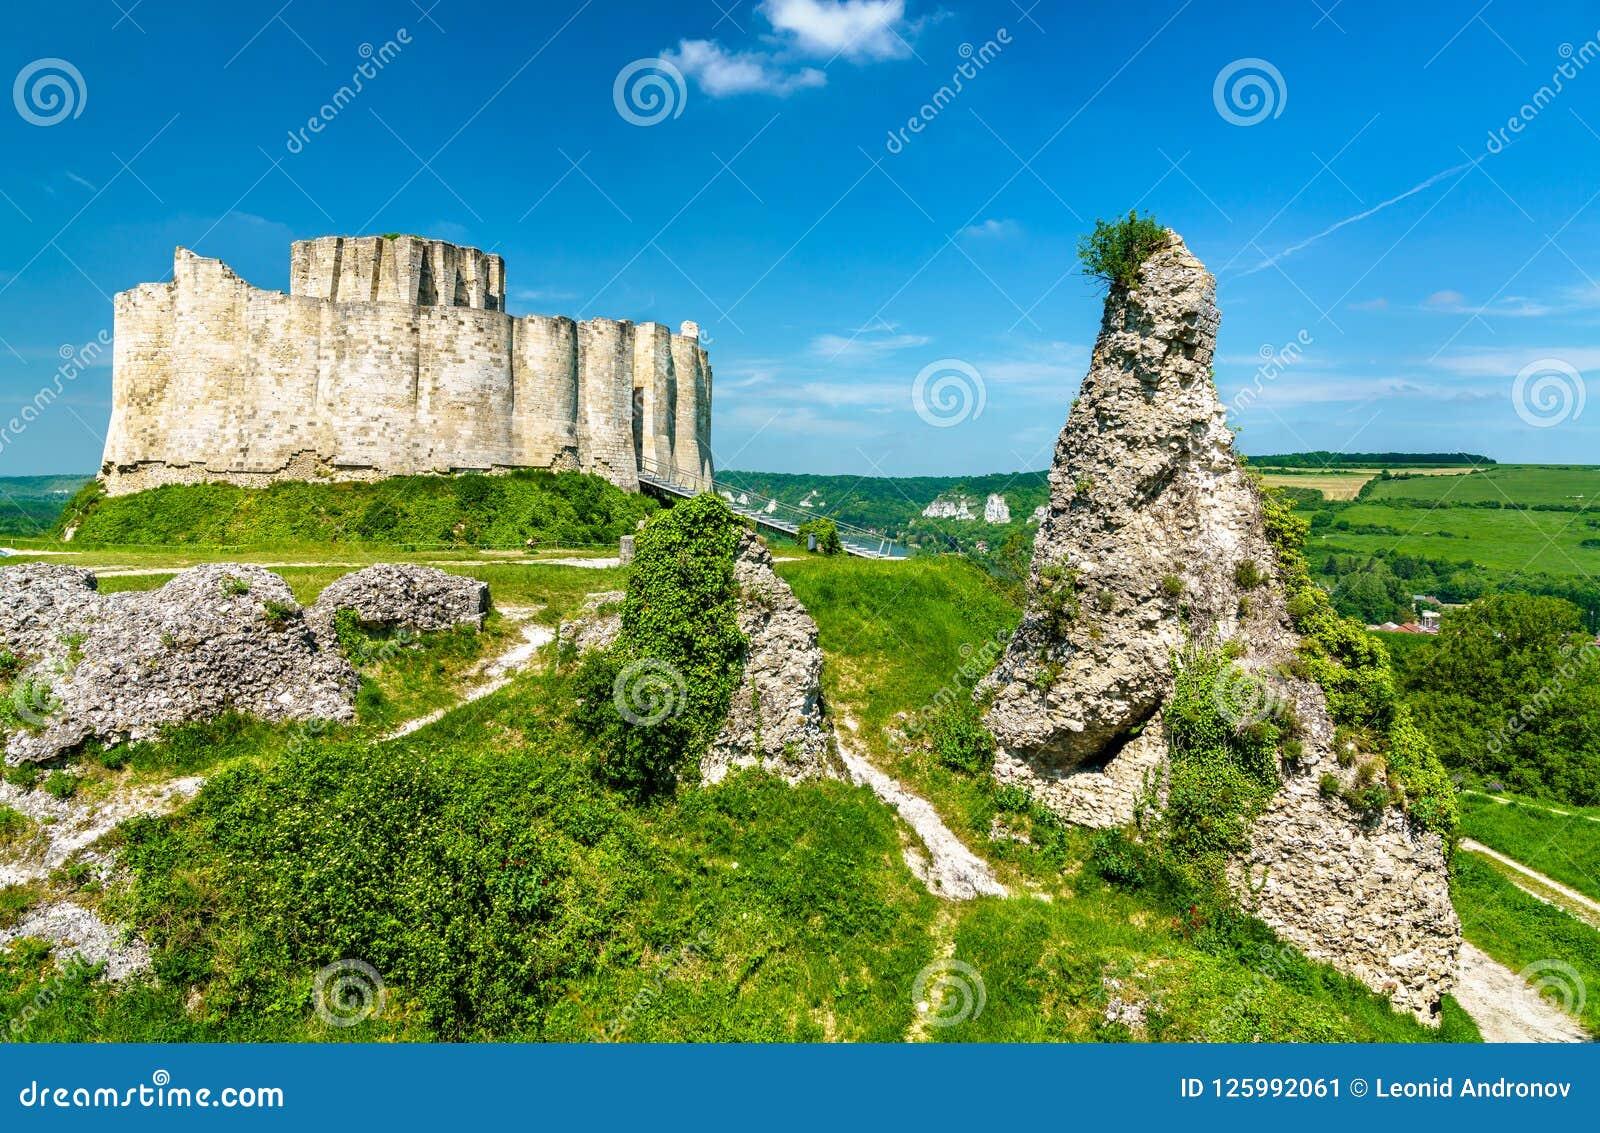 Górska chata Gaillard, rujnujący średniowieczny kasztel w Les Andelys miasteczku - Normandy, Francja